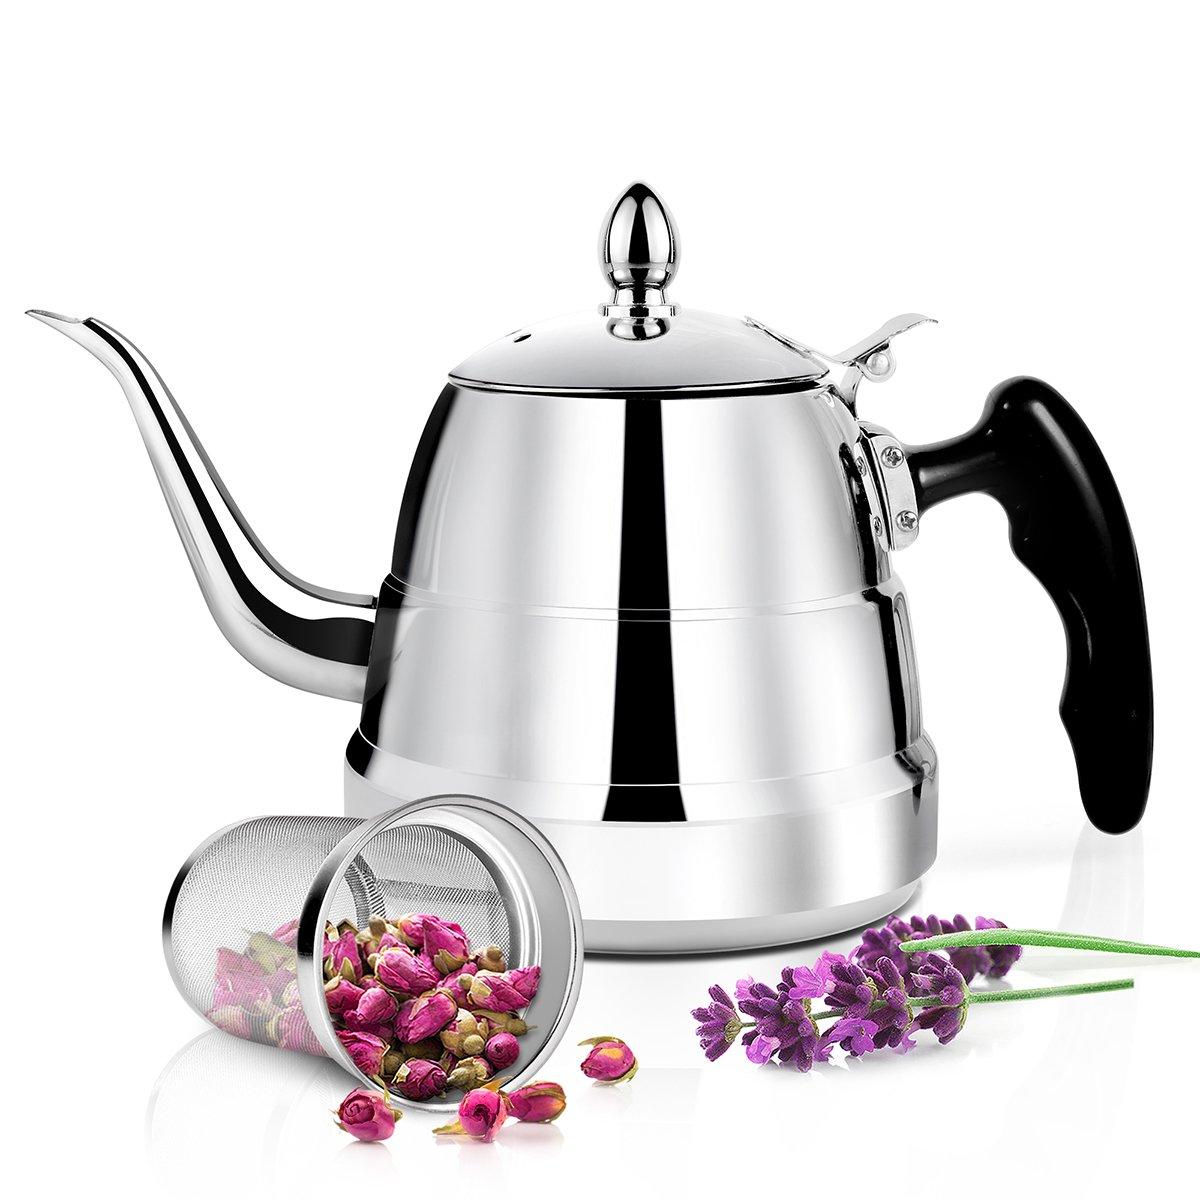 1200ml Café Thé Pot–Poli en acier inoxydable 304Théière avec Infuseur filtre à thé par Raypard bouilloire à thé, Infuseur à thé Pot avec couvercle, pour la maison